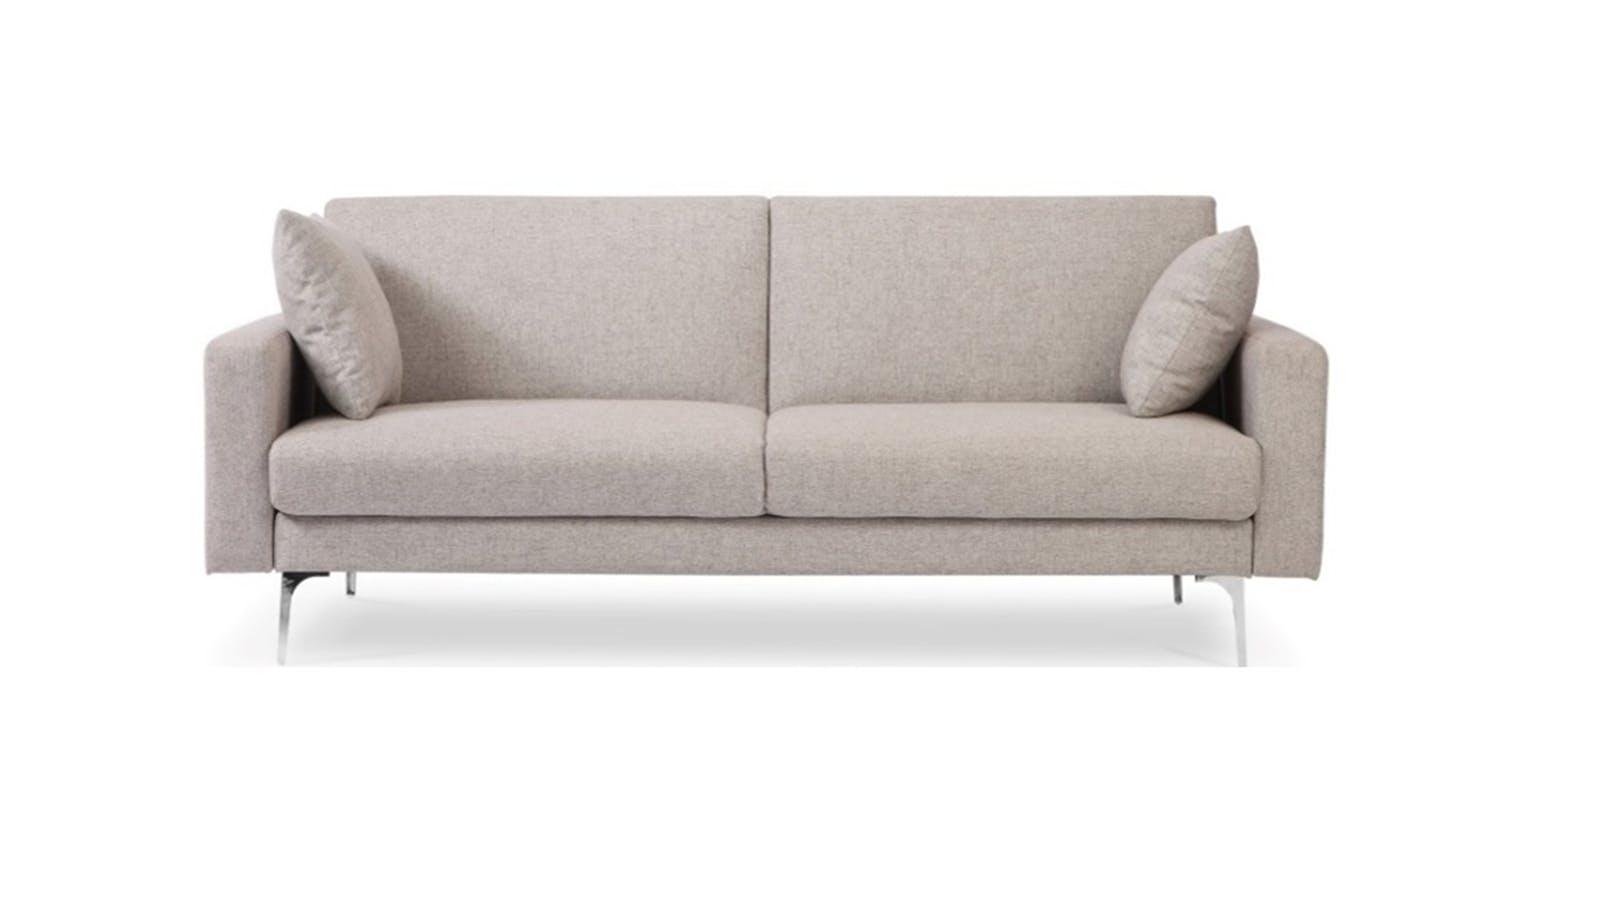 Harvey norman sofa bed malaysia for Sofa bed harveys